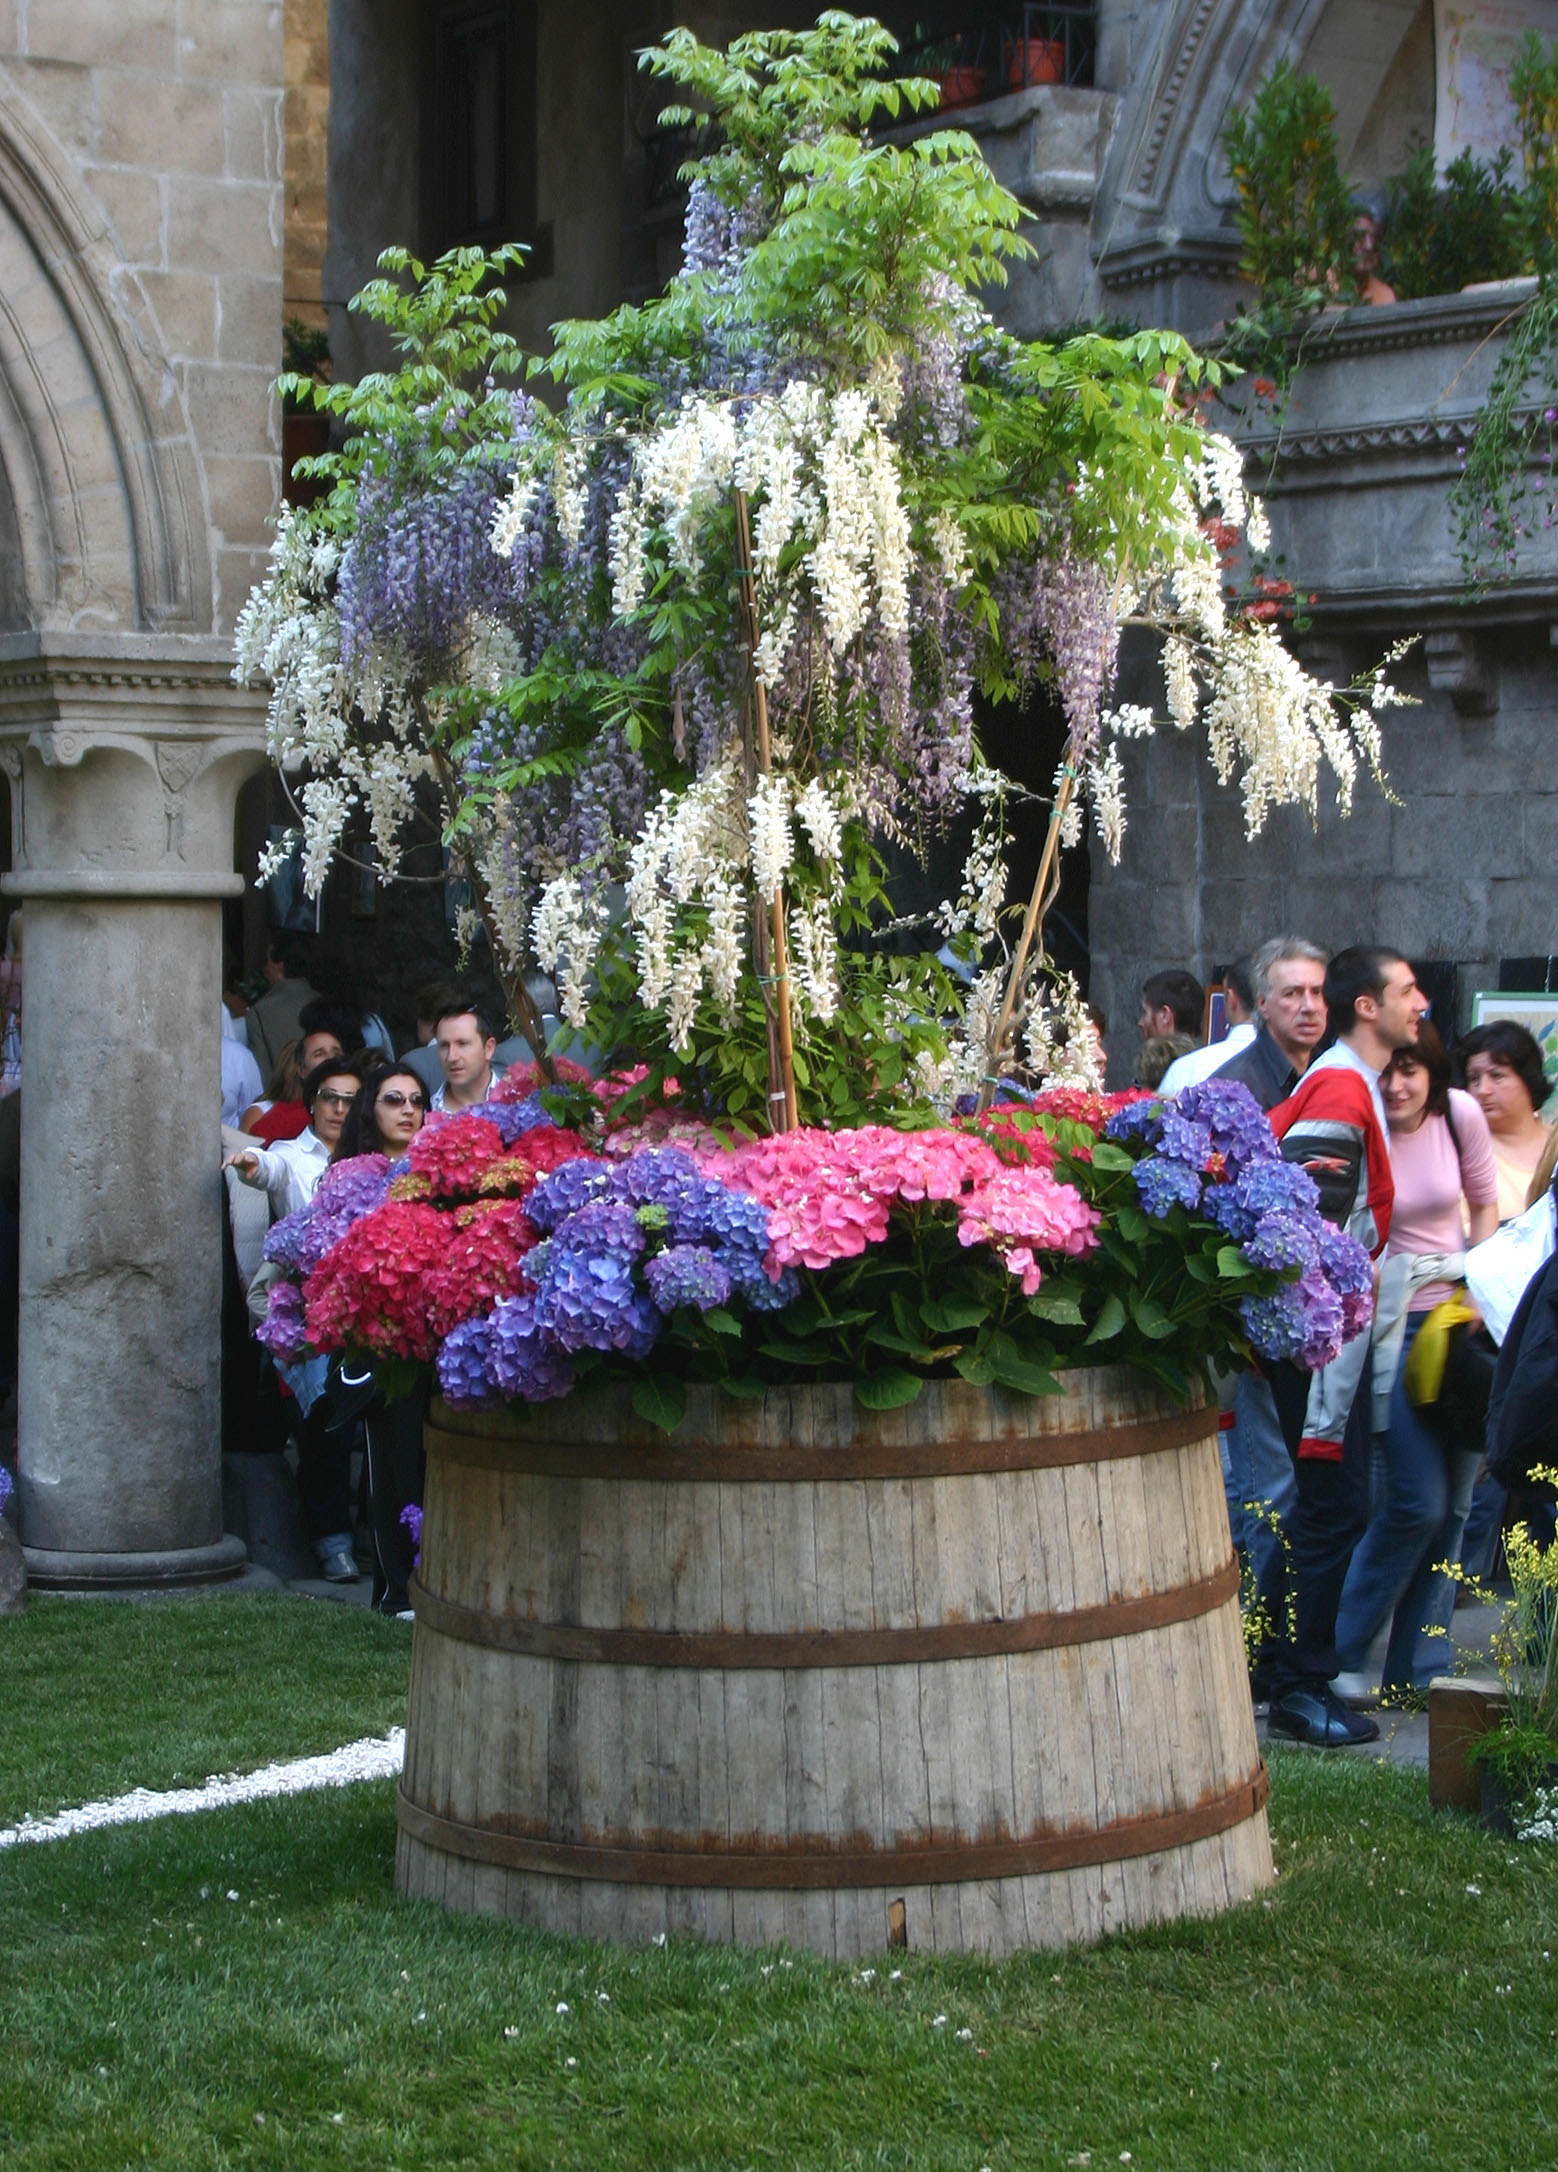 Ortensie da giardino idee per interni e mobili - Grossi fiori da giardino ...